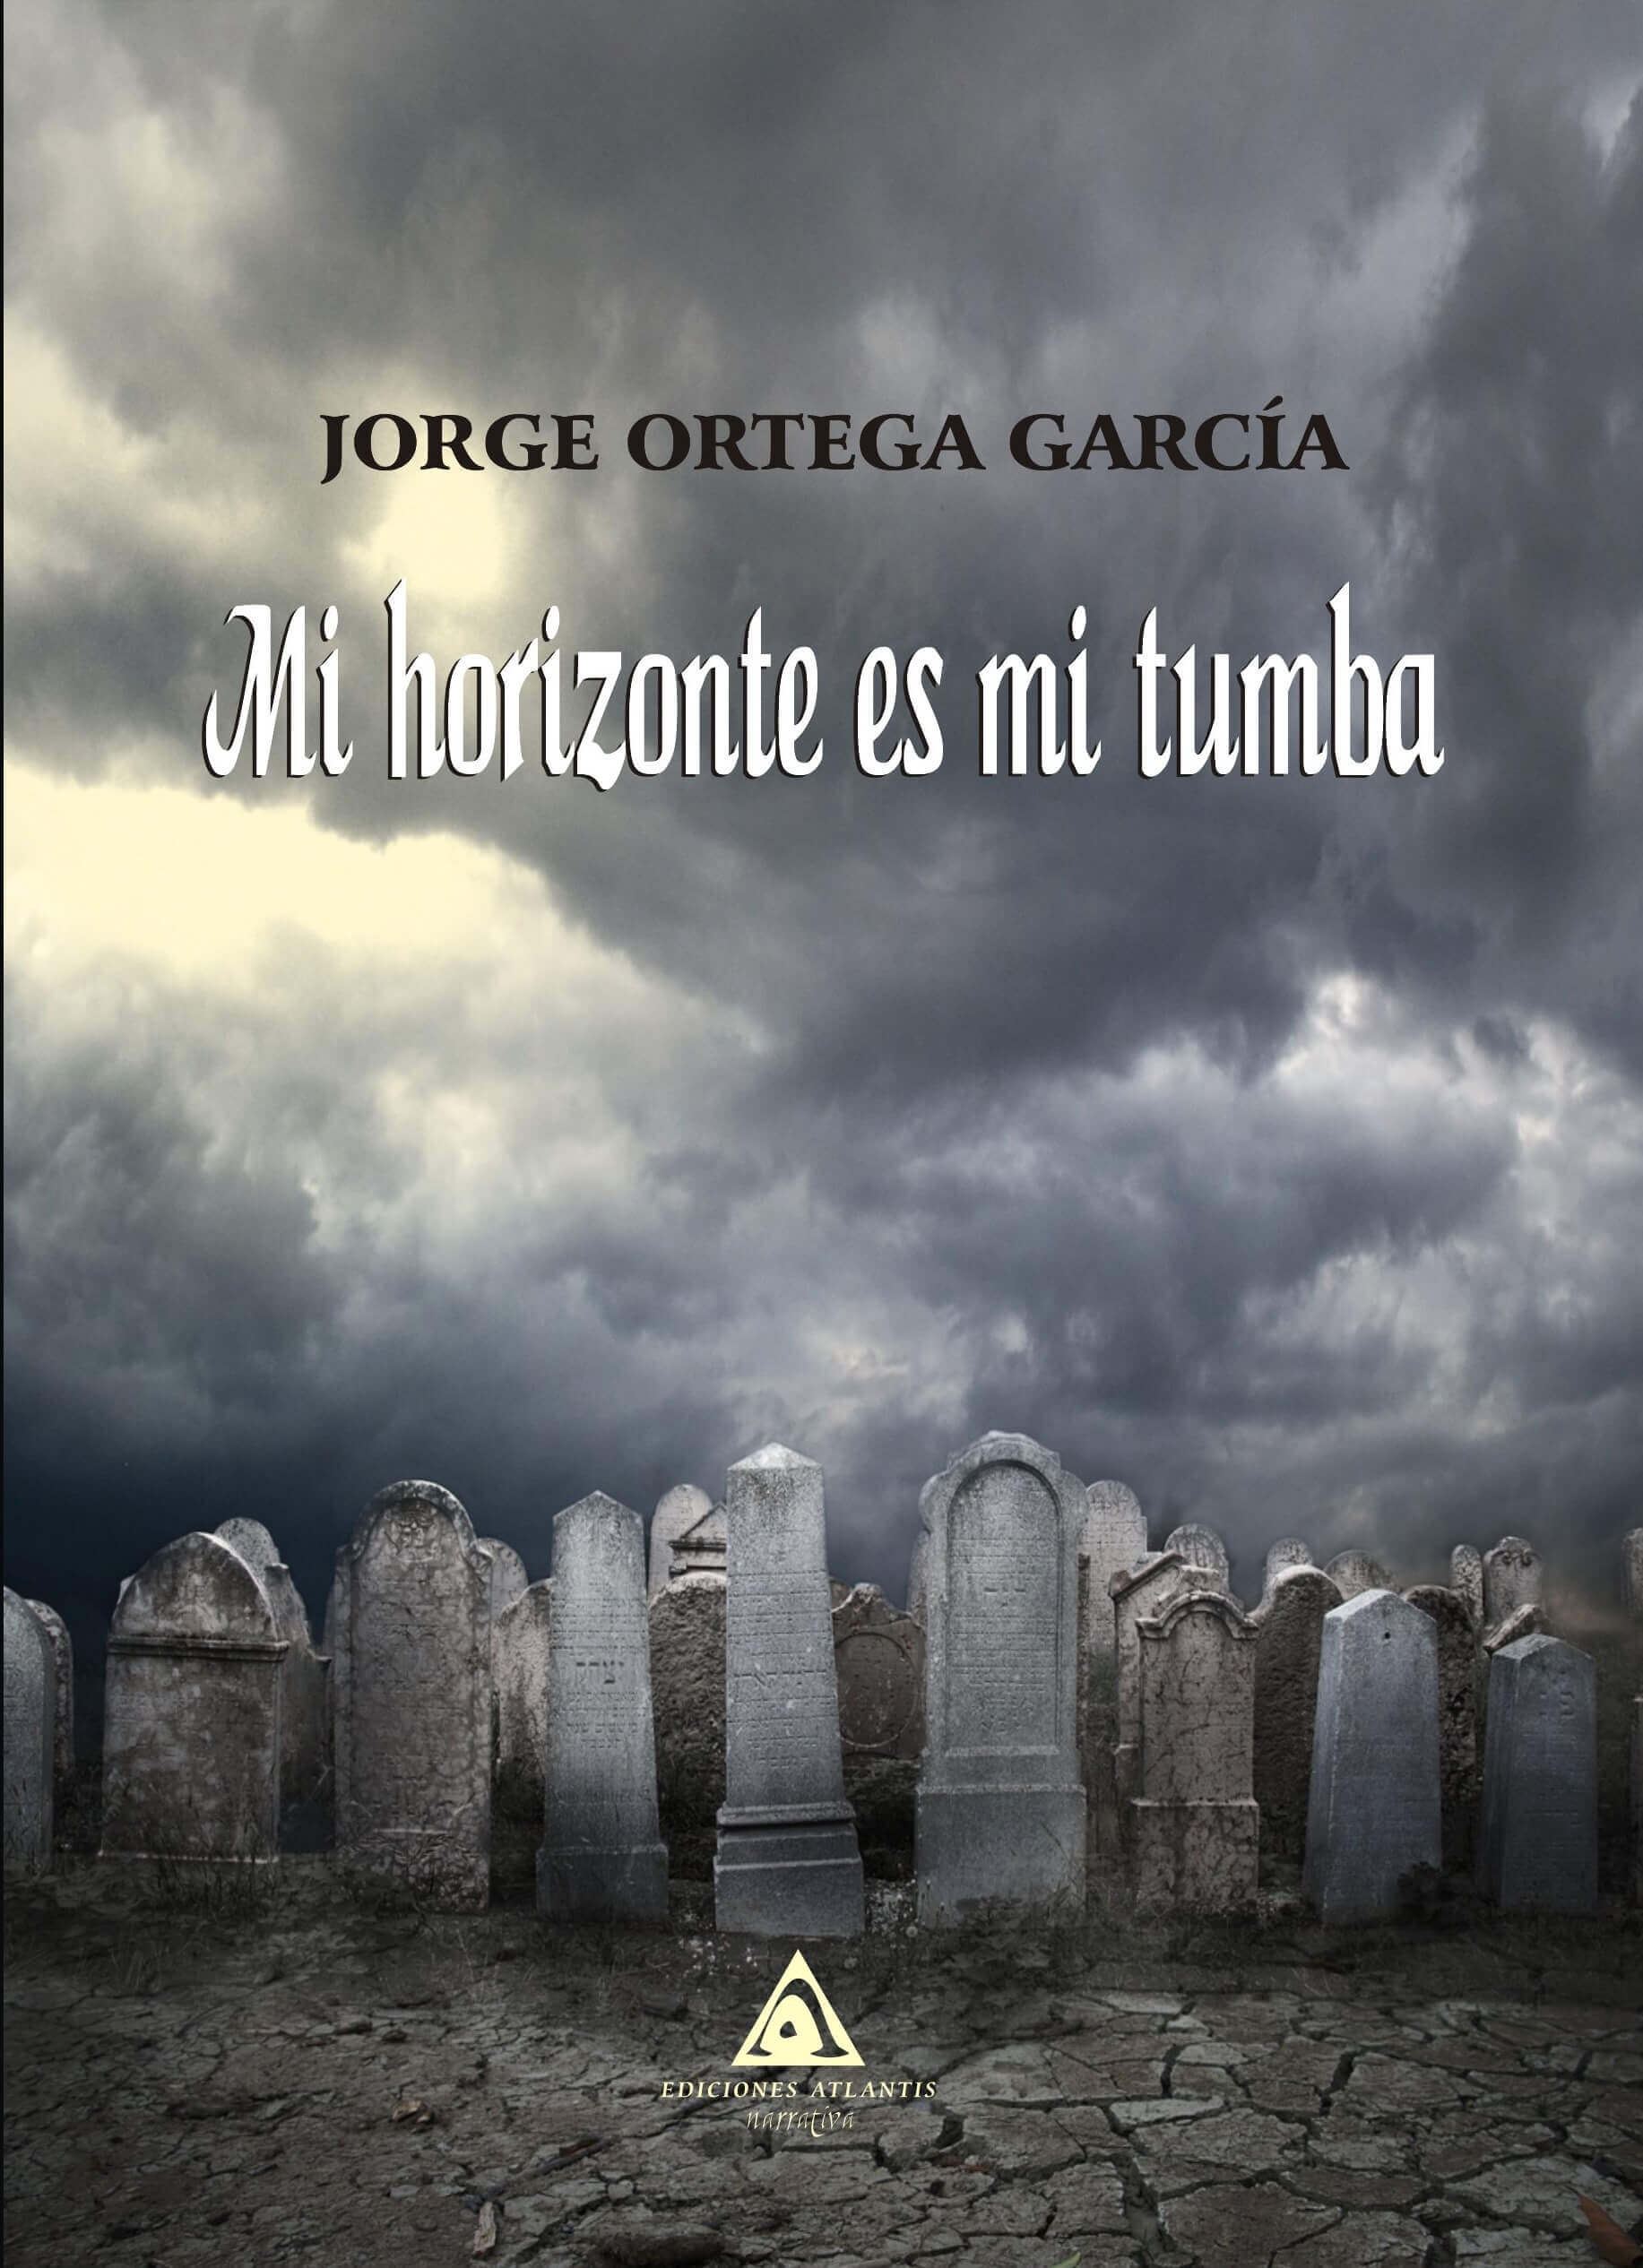 Mi horizonte es mi tumba, un libro escrito por Jorge Ortega García.